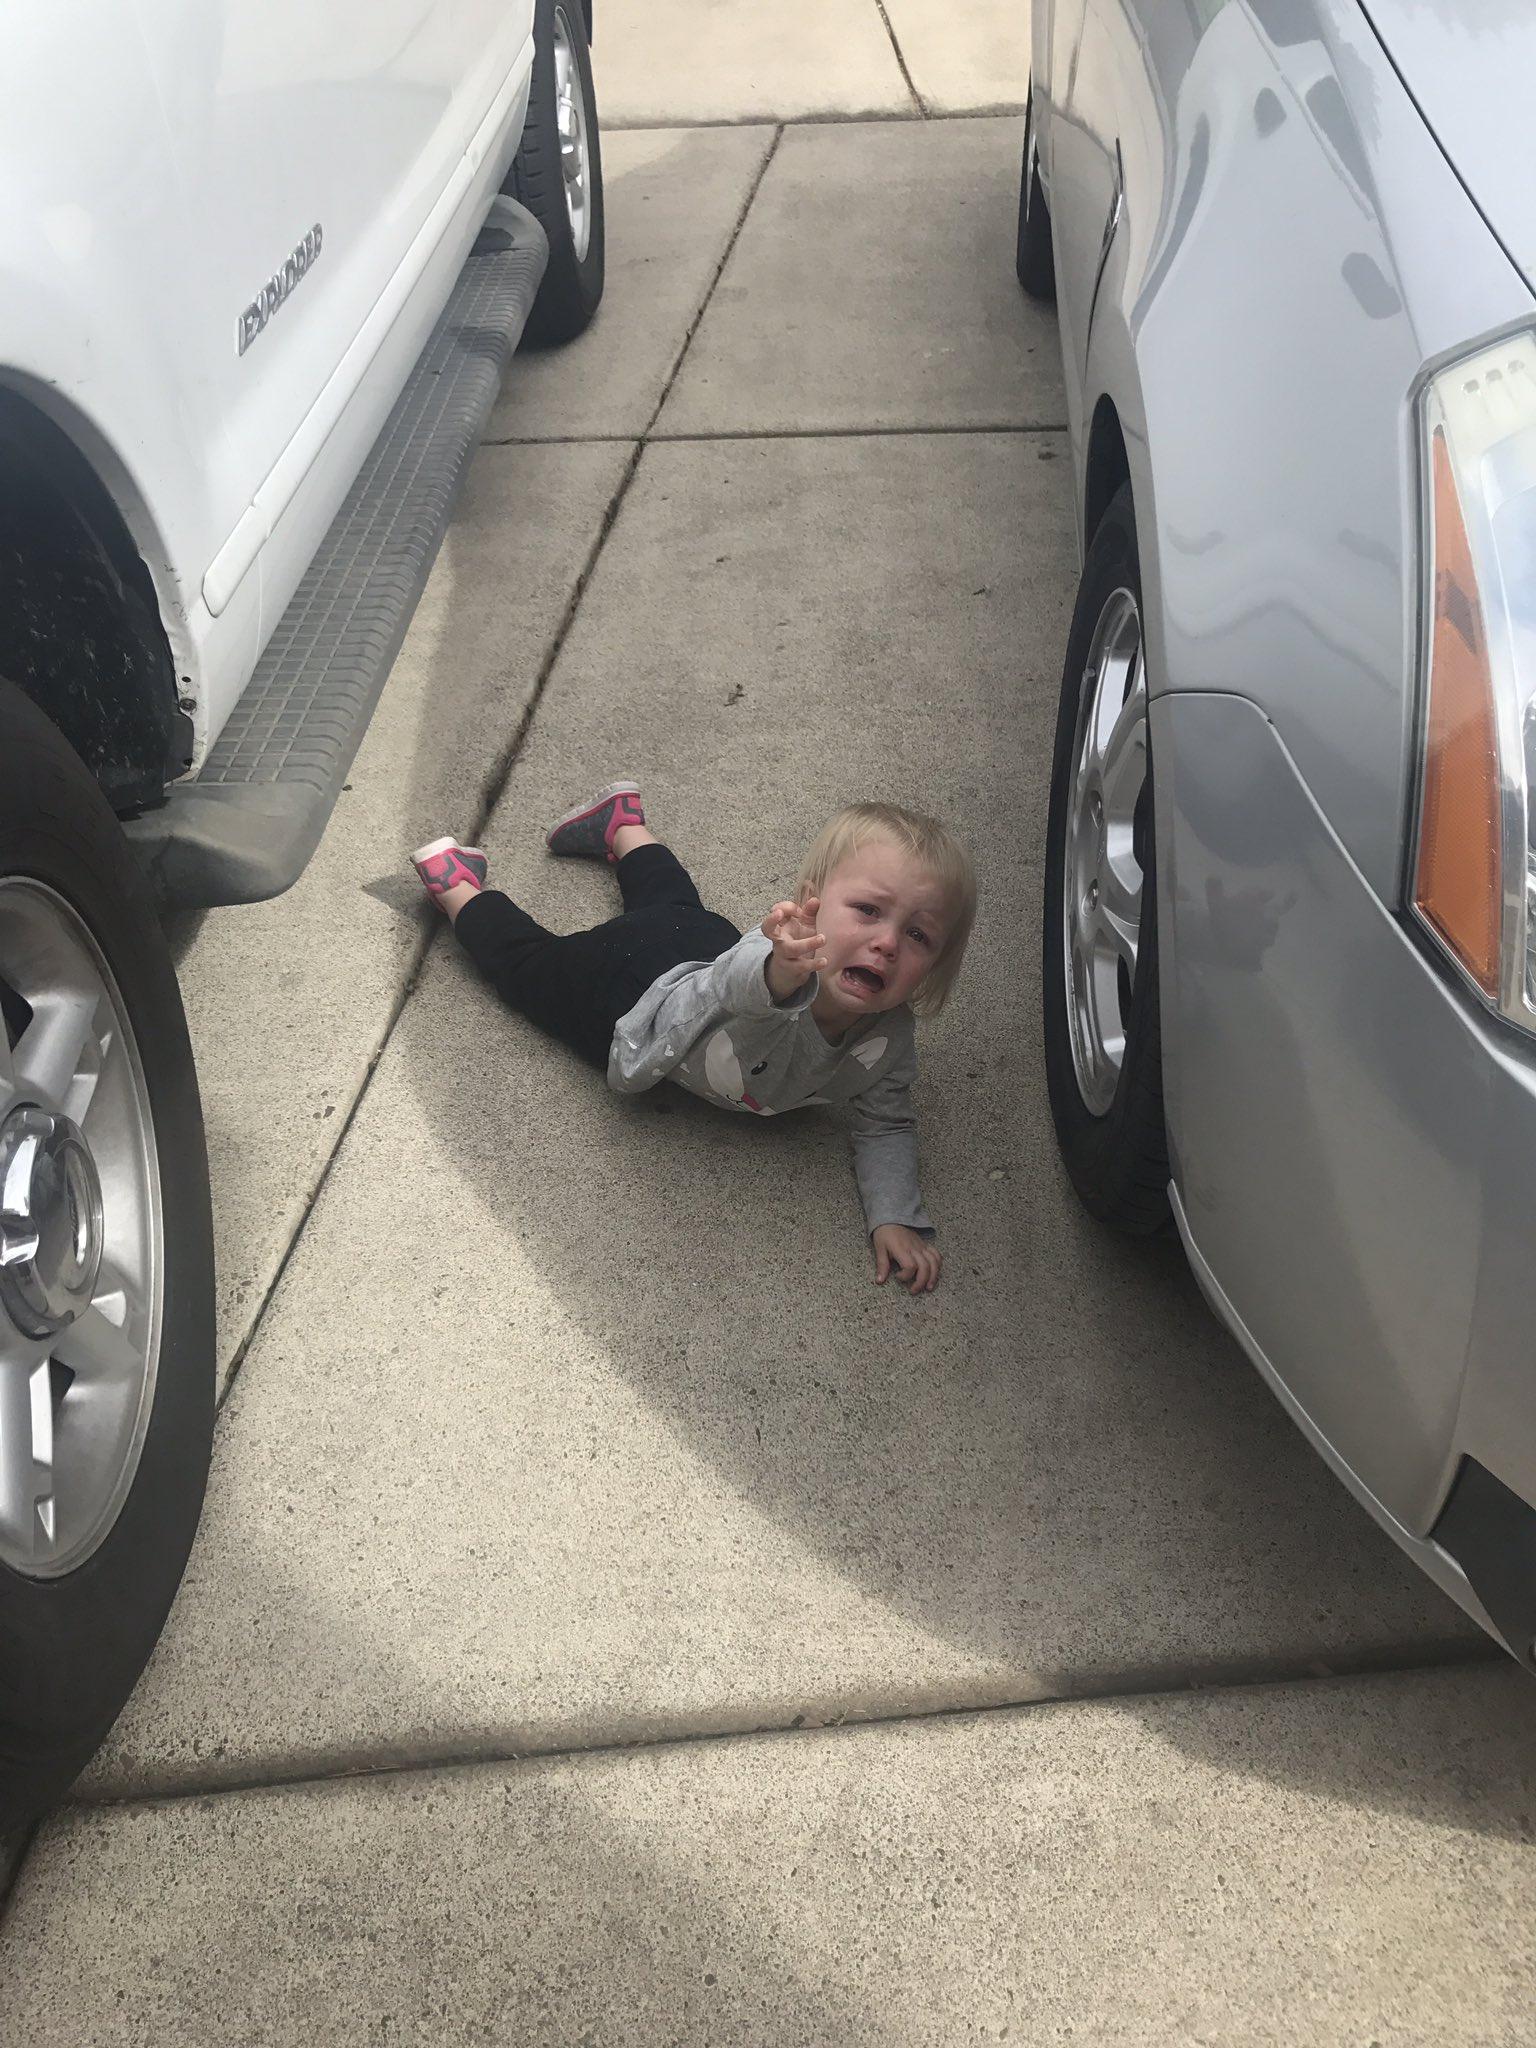 niño llorando en el suelo